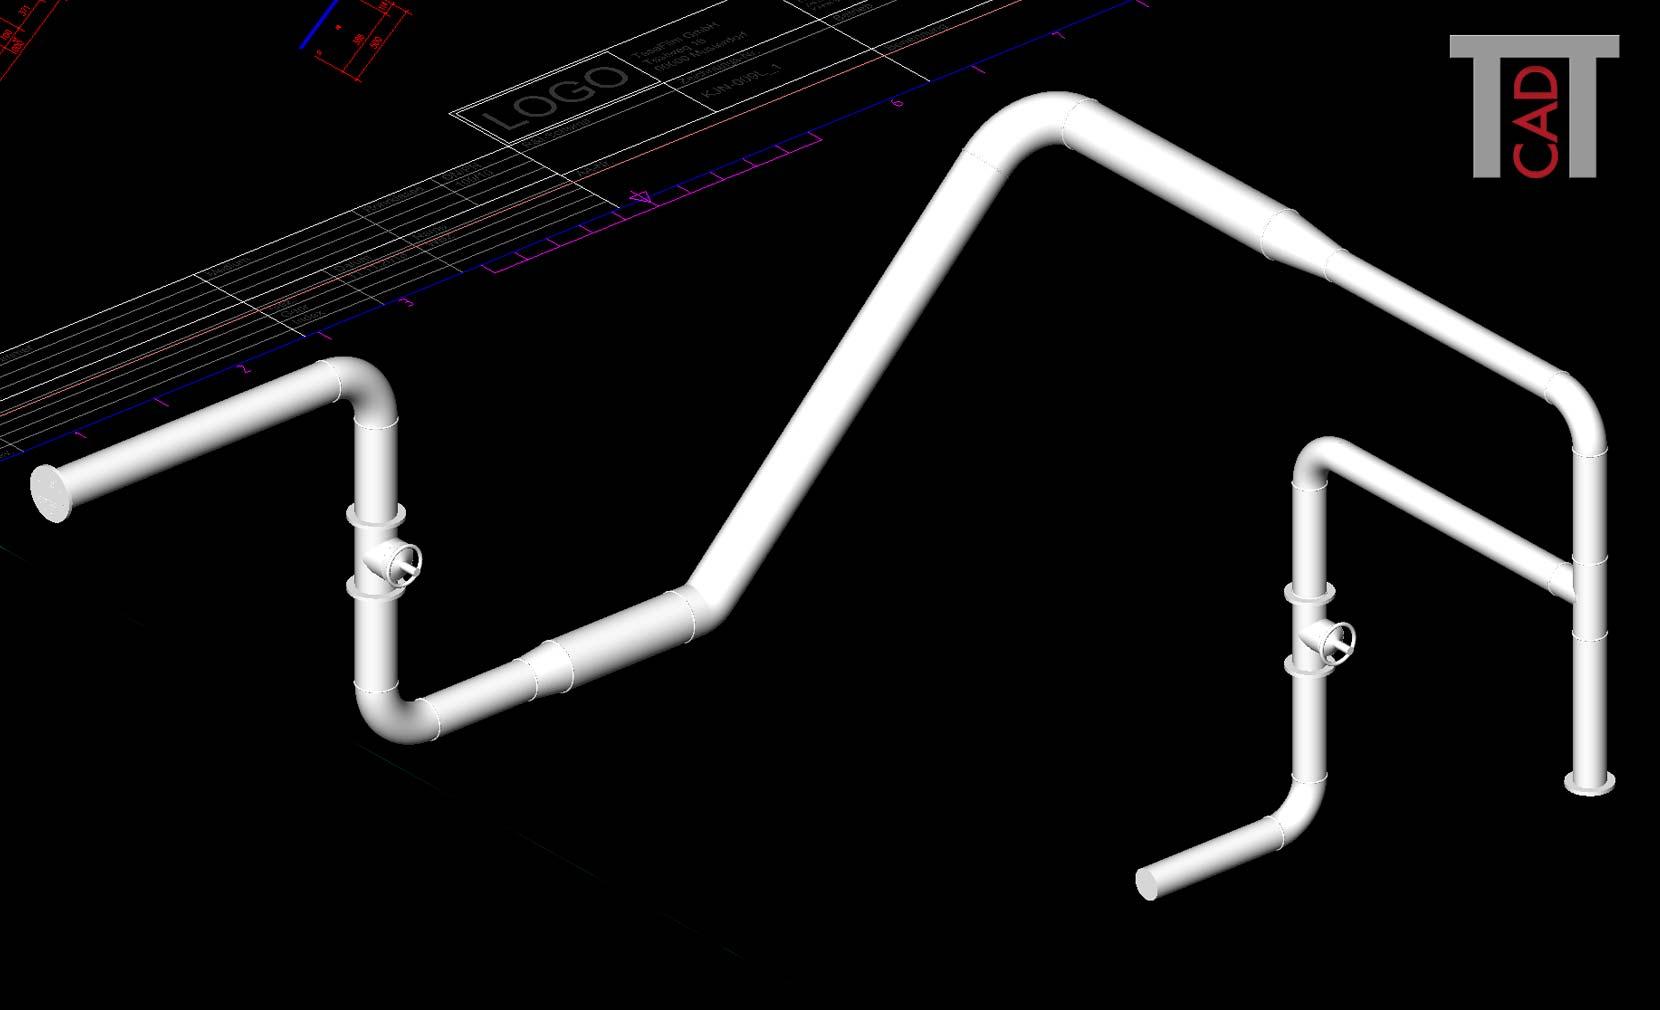 PiCAD goes 3D! Auf Knopfdruck 3D-Rohrleitung erzeugen (Kollisionsprüfung)